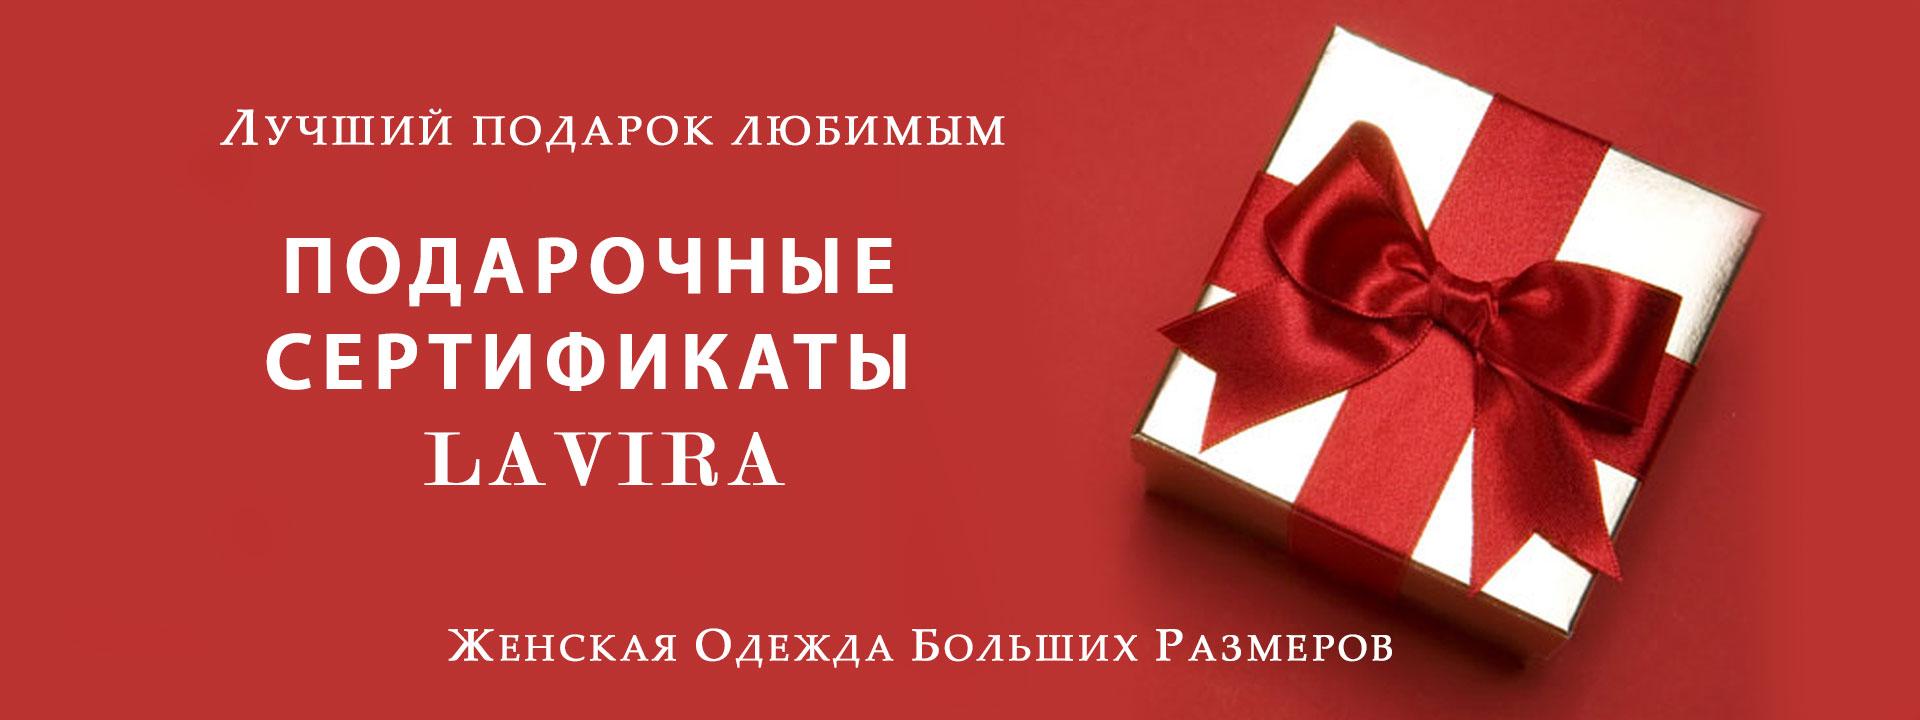 Что лучше подарок или подарочный сертификат 136